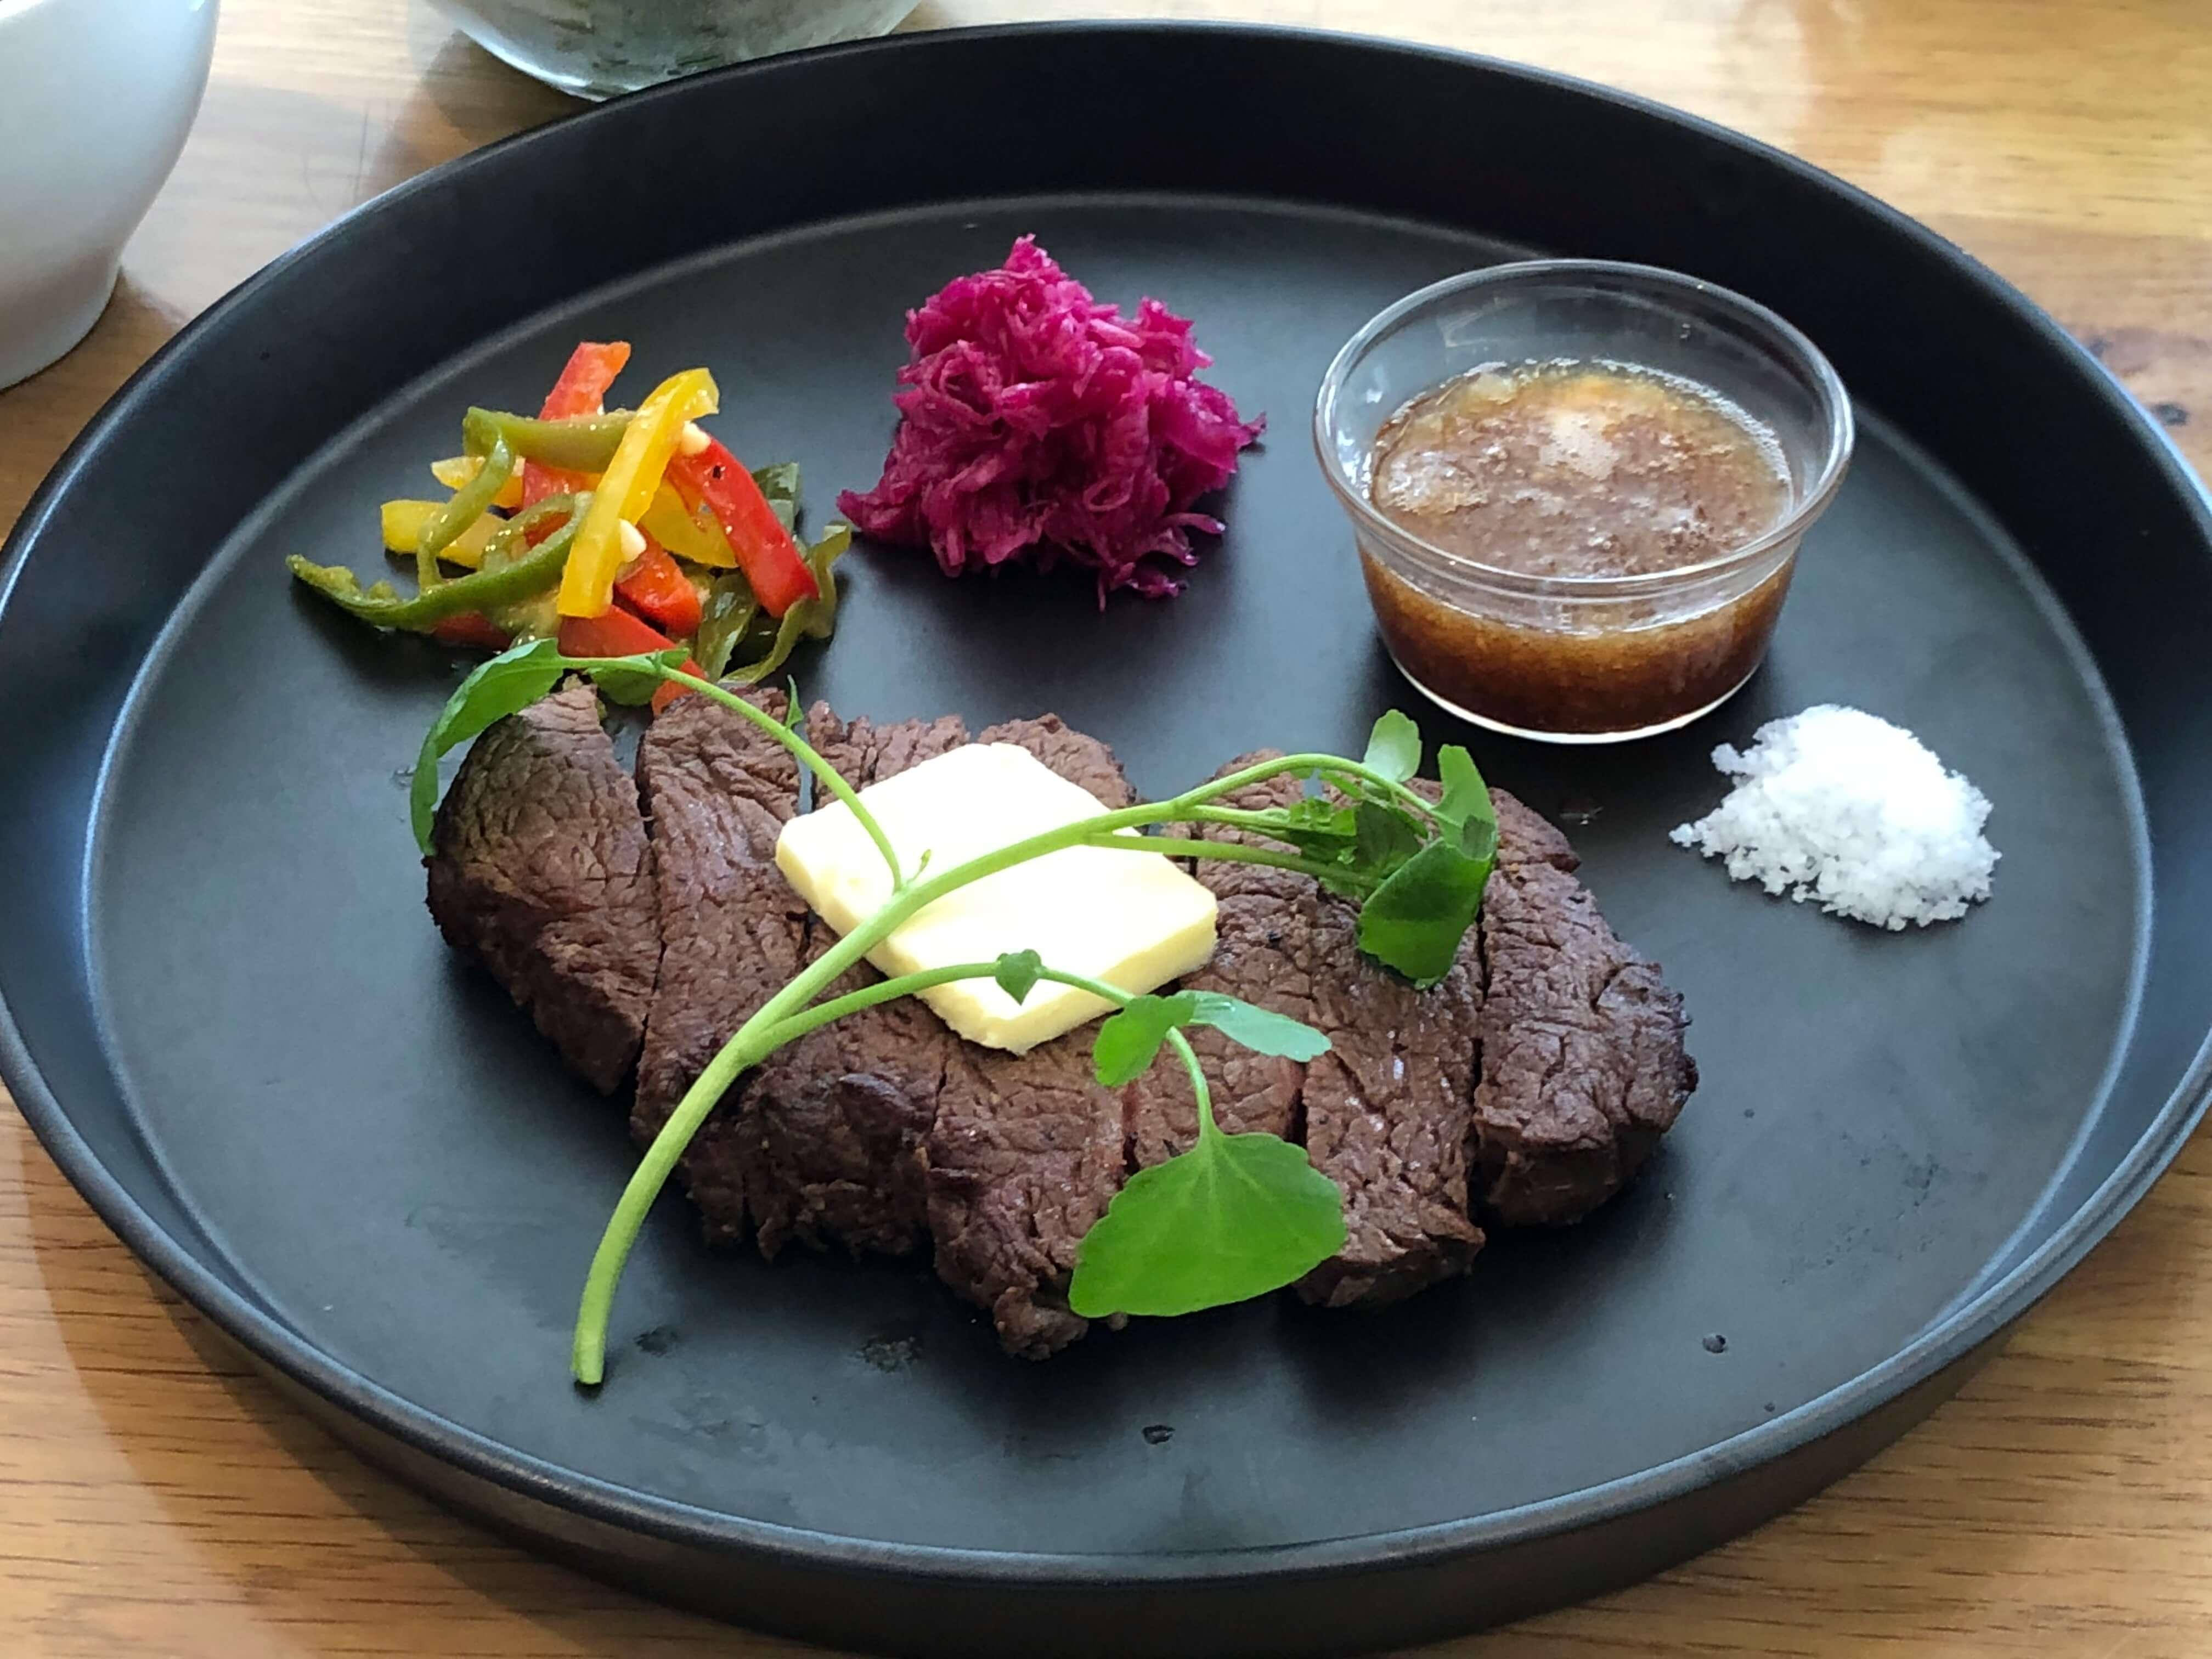 スコール金沢で味わう『 CAFE 87 』健康食のイメージを一新するスタイリッシュなカフェ料理